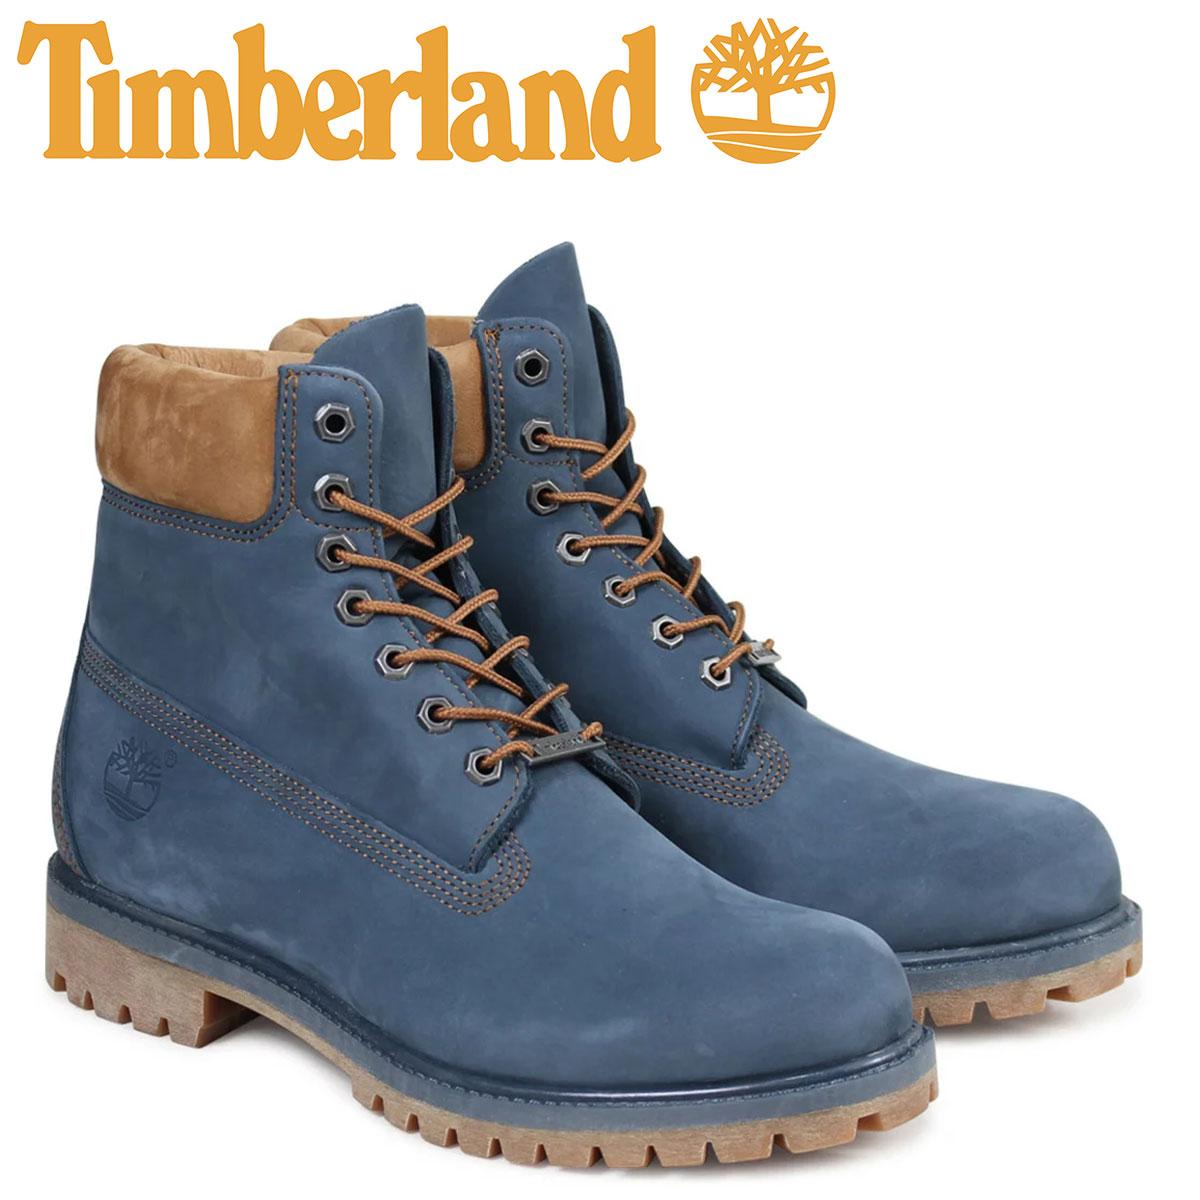 ティンバーランド Timberland ブーツ メンズ 6インチ 6INCH PREMIUM BOOT A1LU4 Wワイズ プレミアム 防水 ネイビー